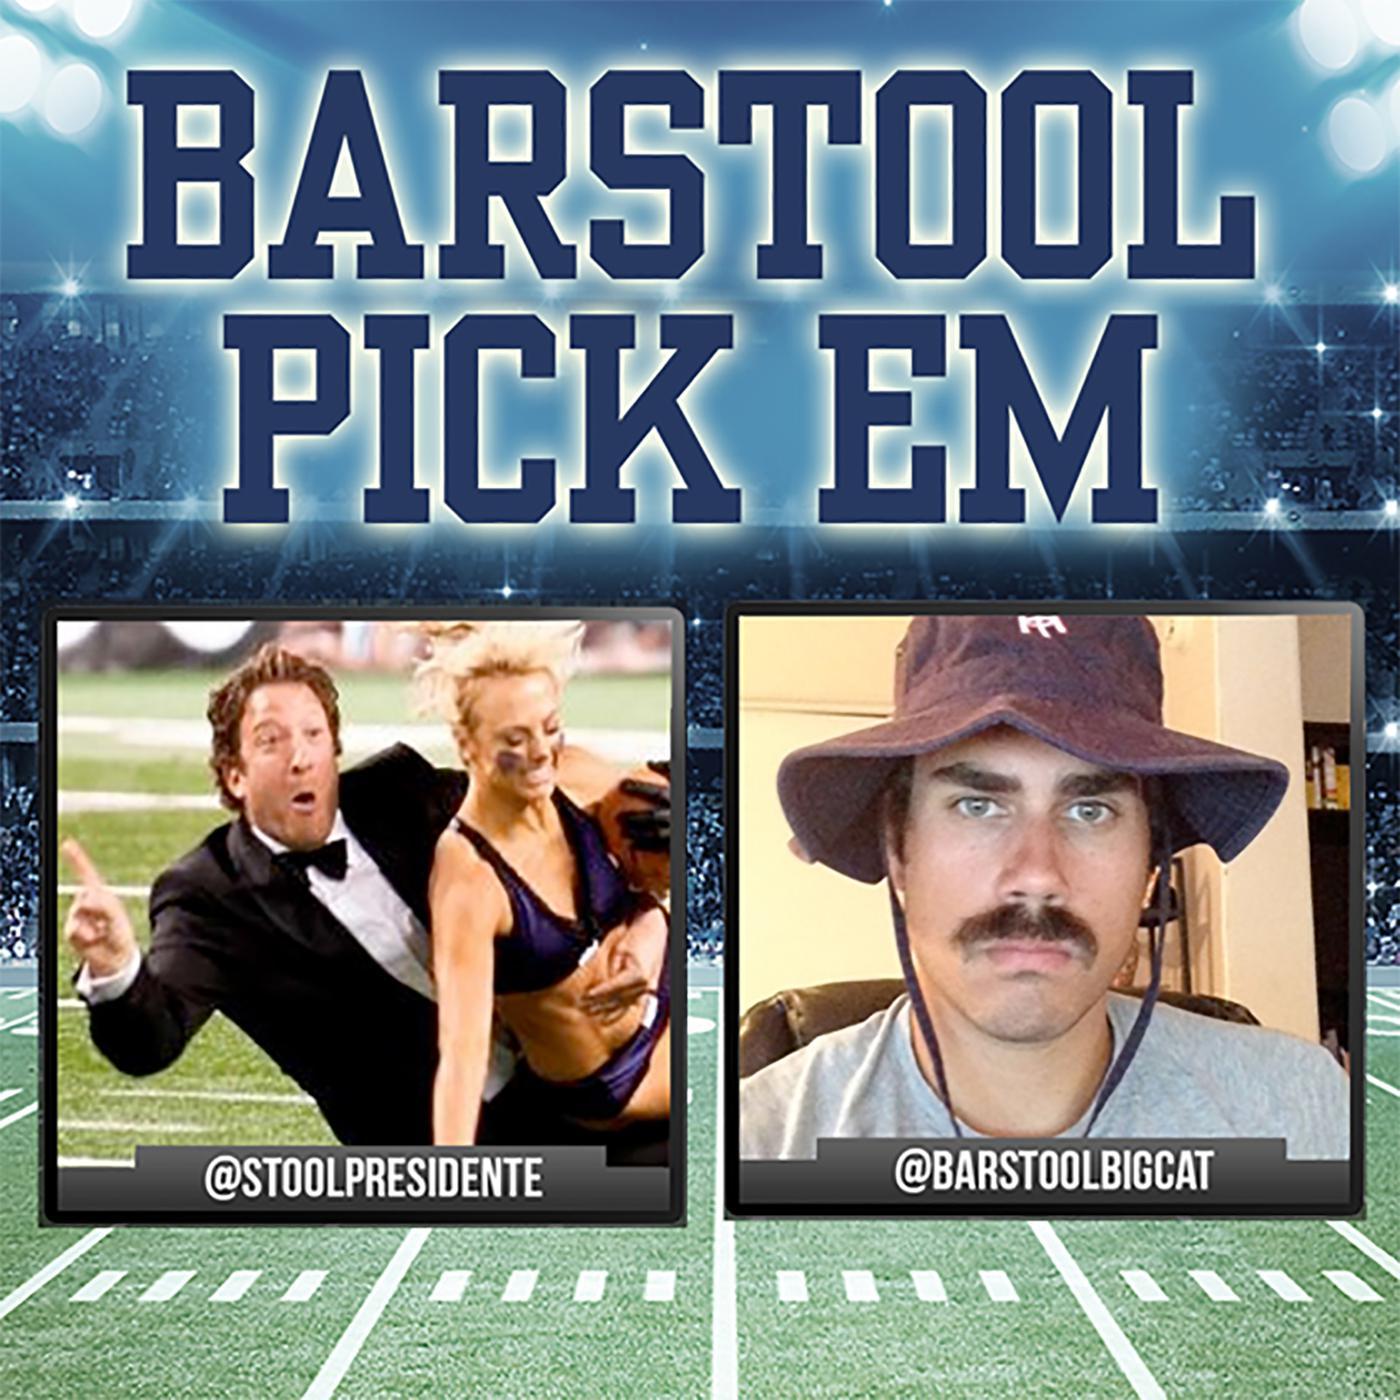 Barstool Pick Em (podcast) - Barstool Sports | Listen Notes